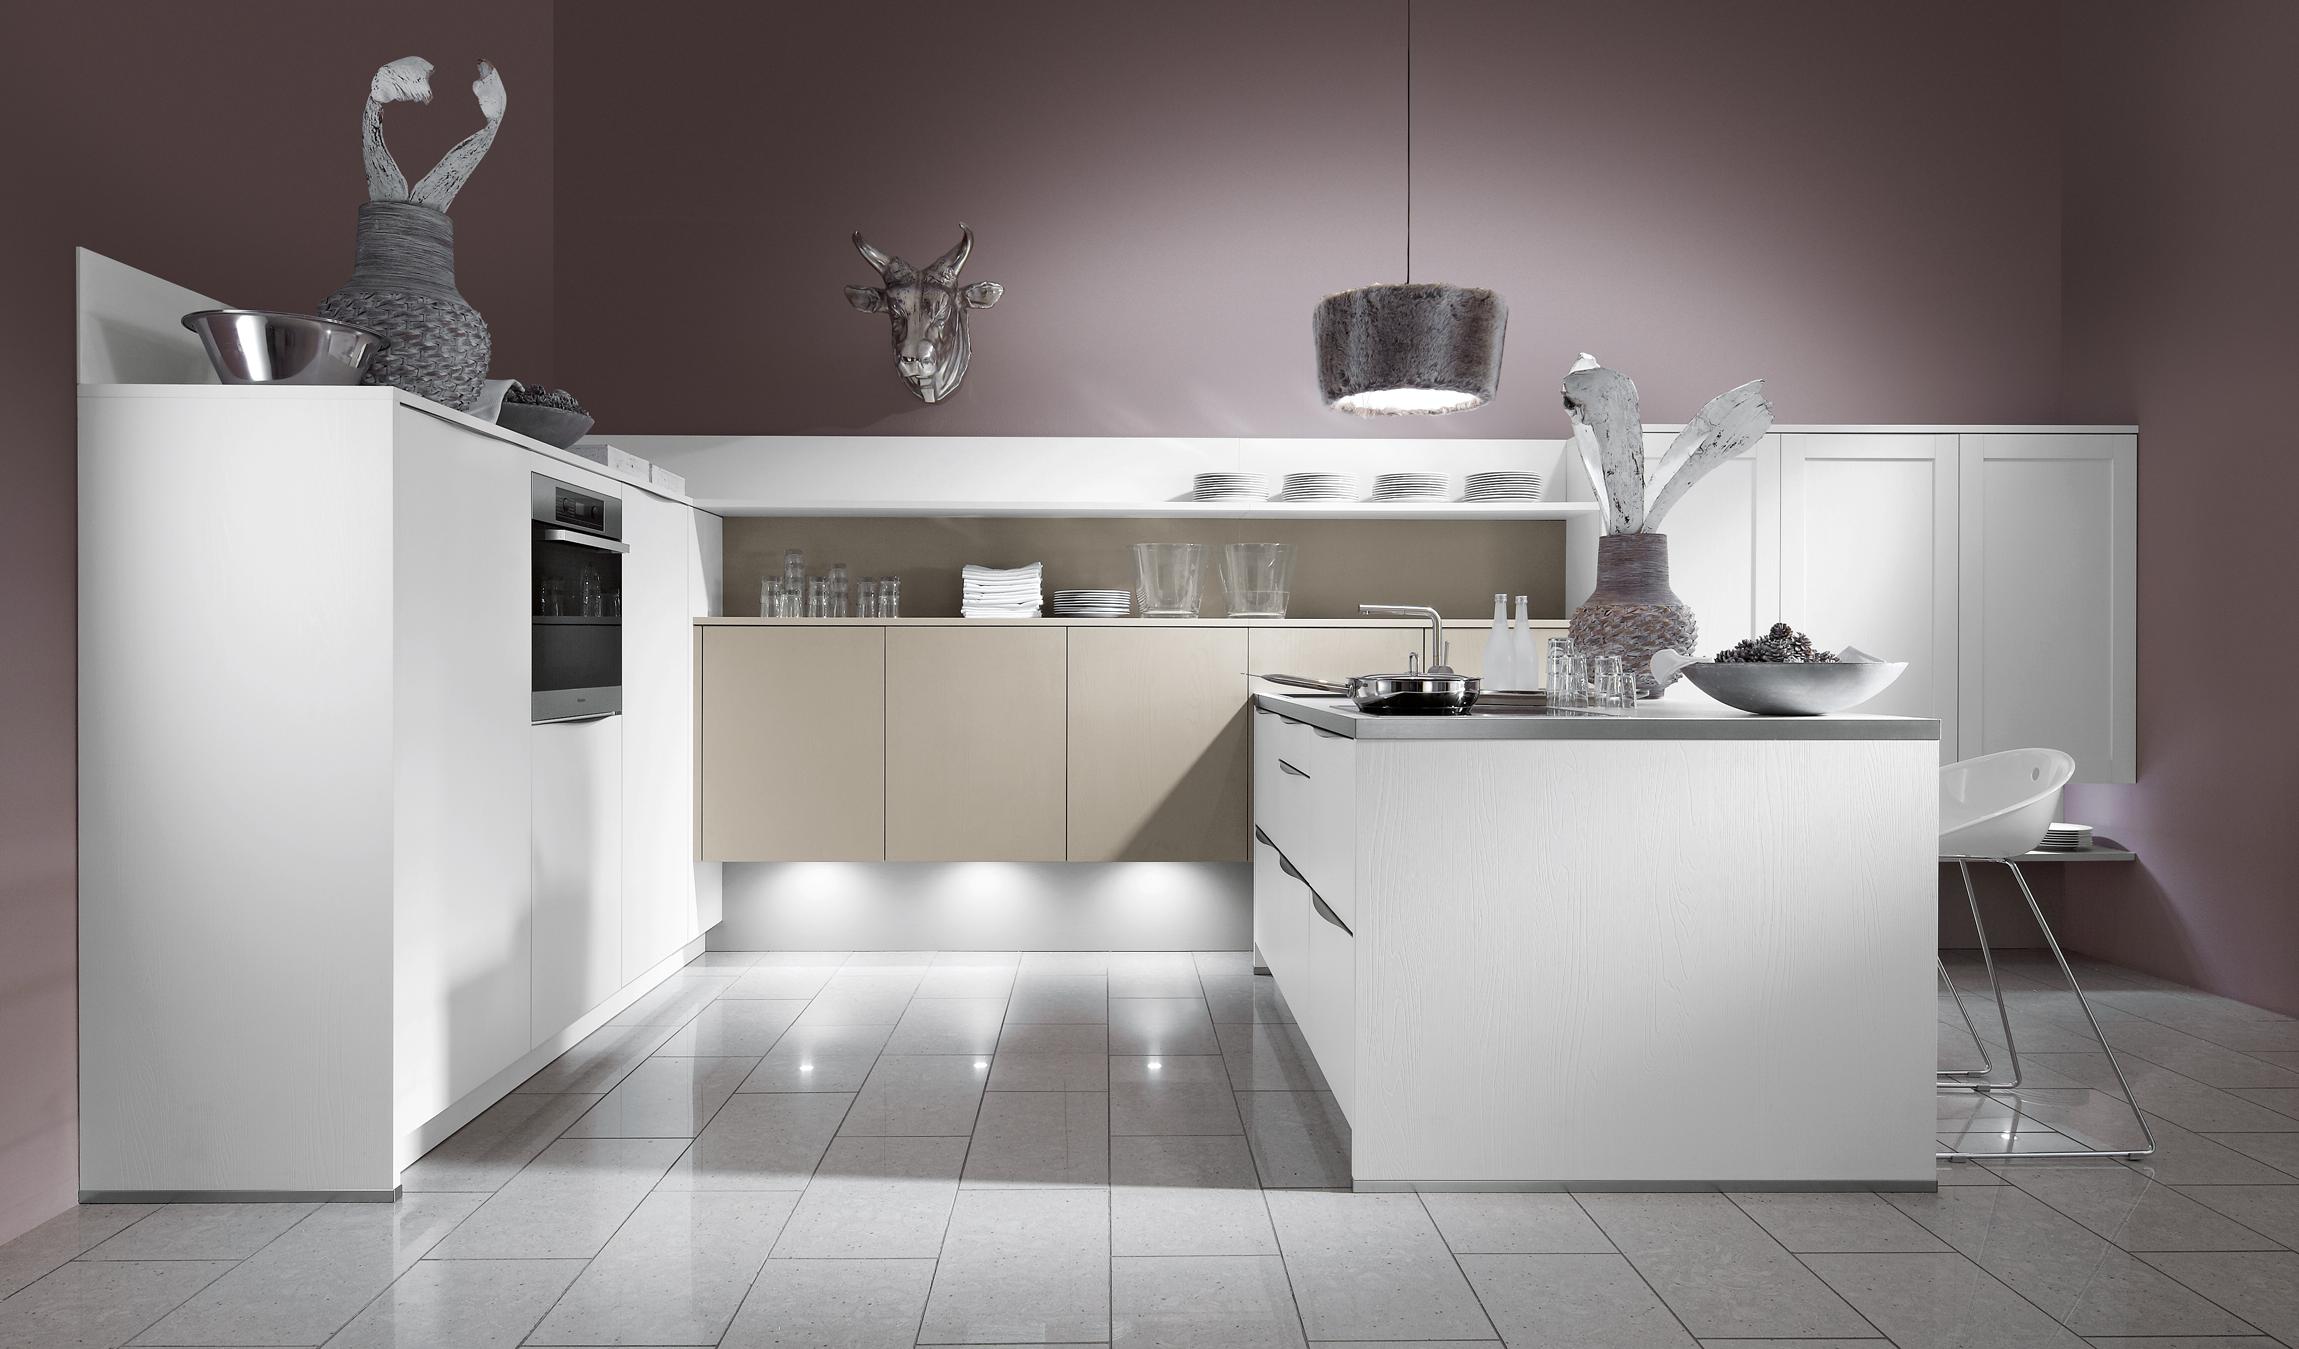 Moderne keuken in een mooi lichte witte kleur met sfeerverlichting